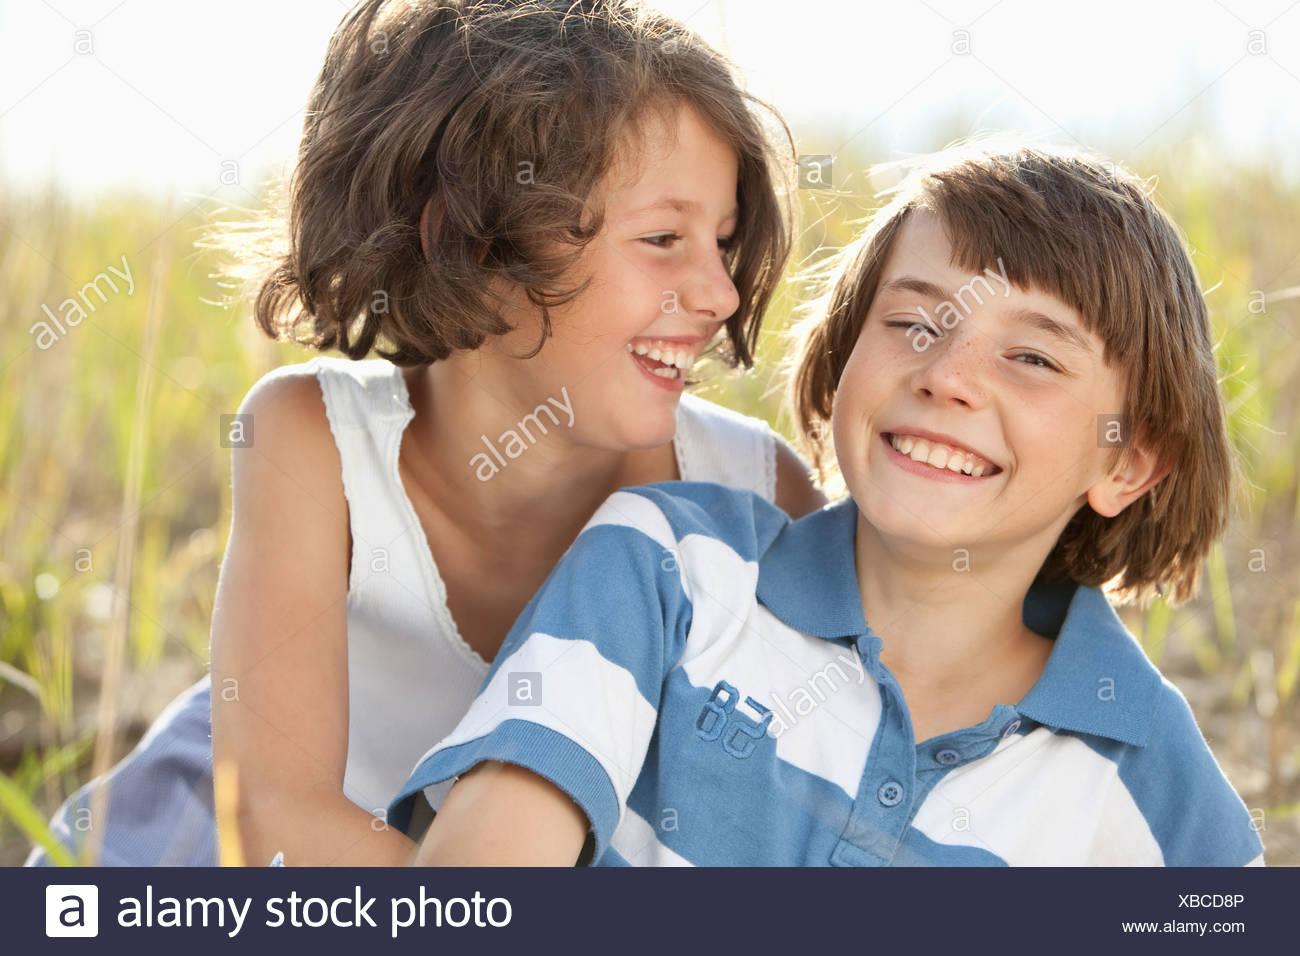 Alemania, Baviera, Boy (10-11 años) y la niña (8-9 años) jugando Imagen De Stock